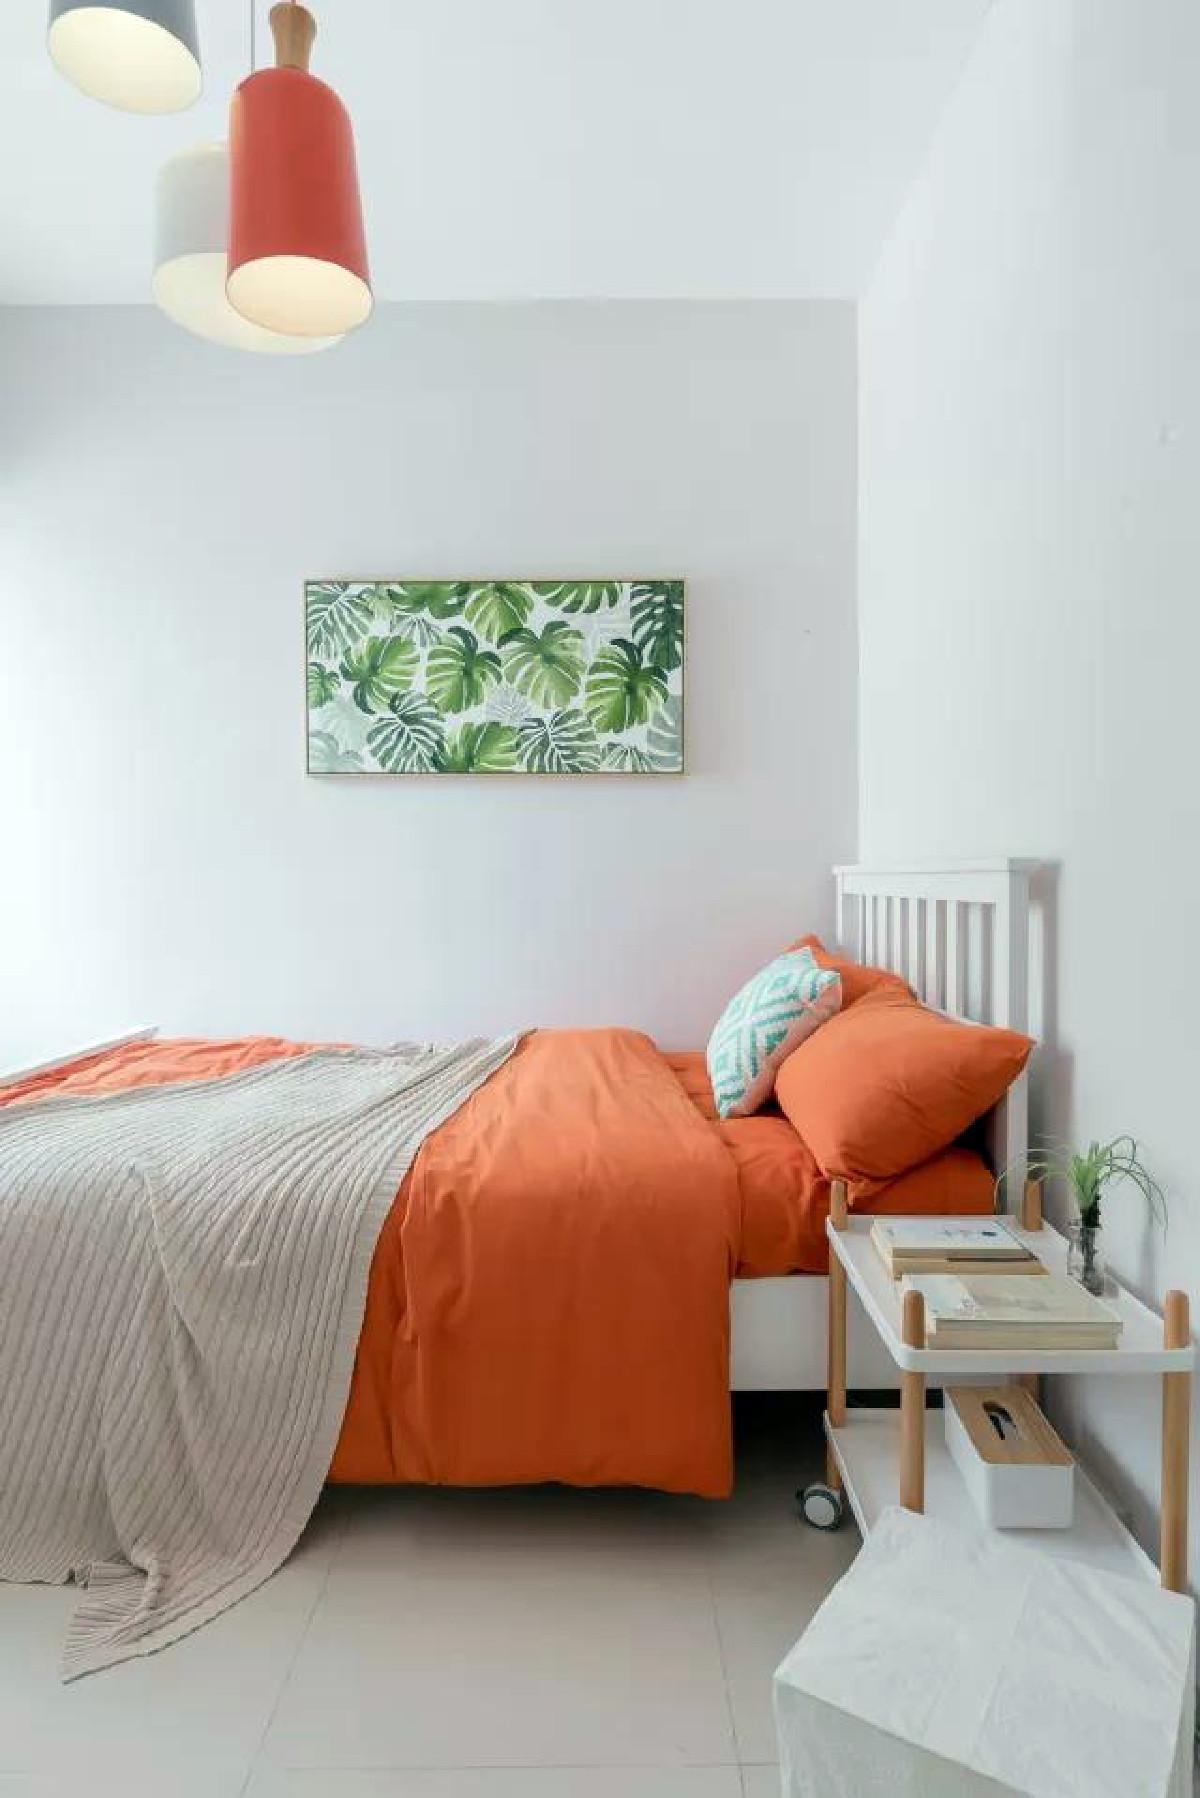 孩子的房间总归不能太沉闷,不再使用深色系,而是给刷上一层浅浅的灰,搭配活力十足的橙色床品,整体明亮大方就好。